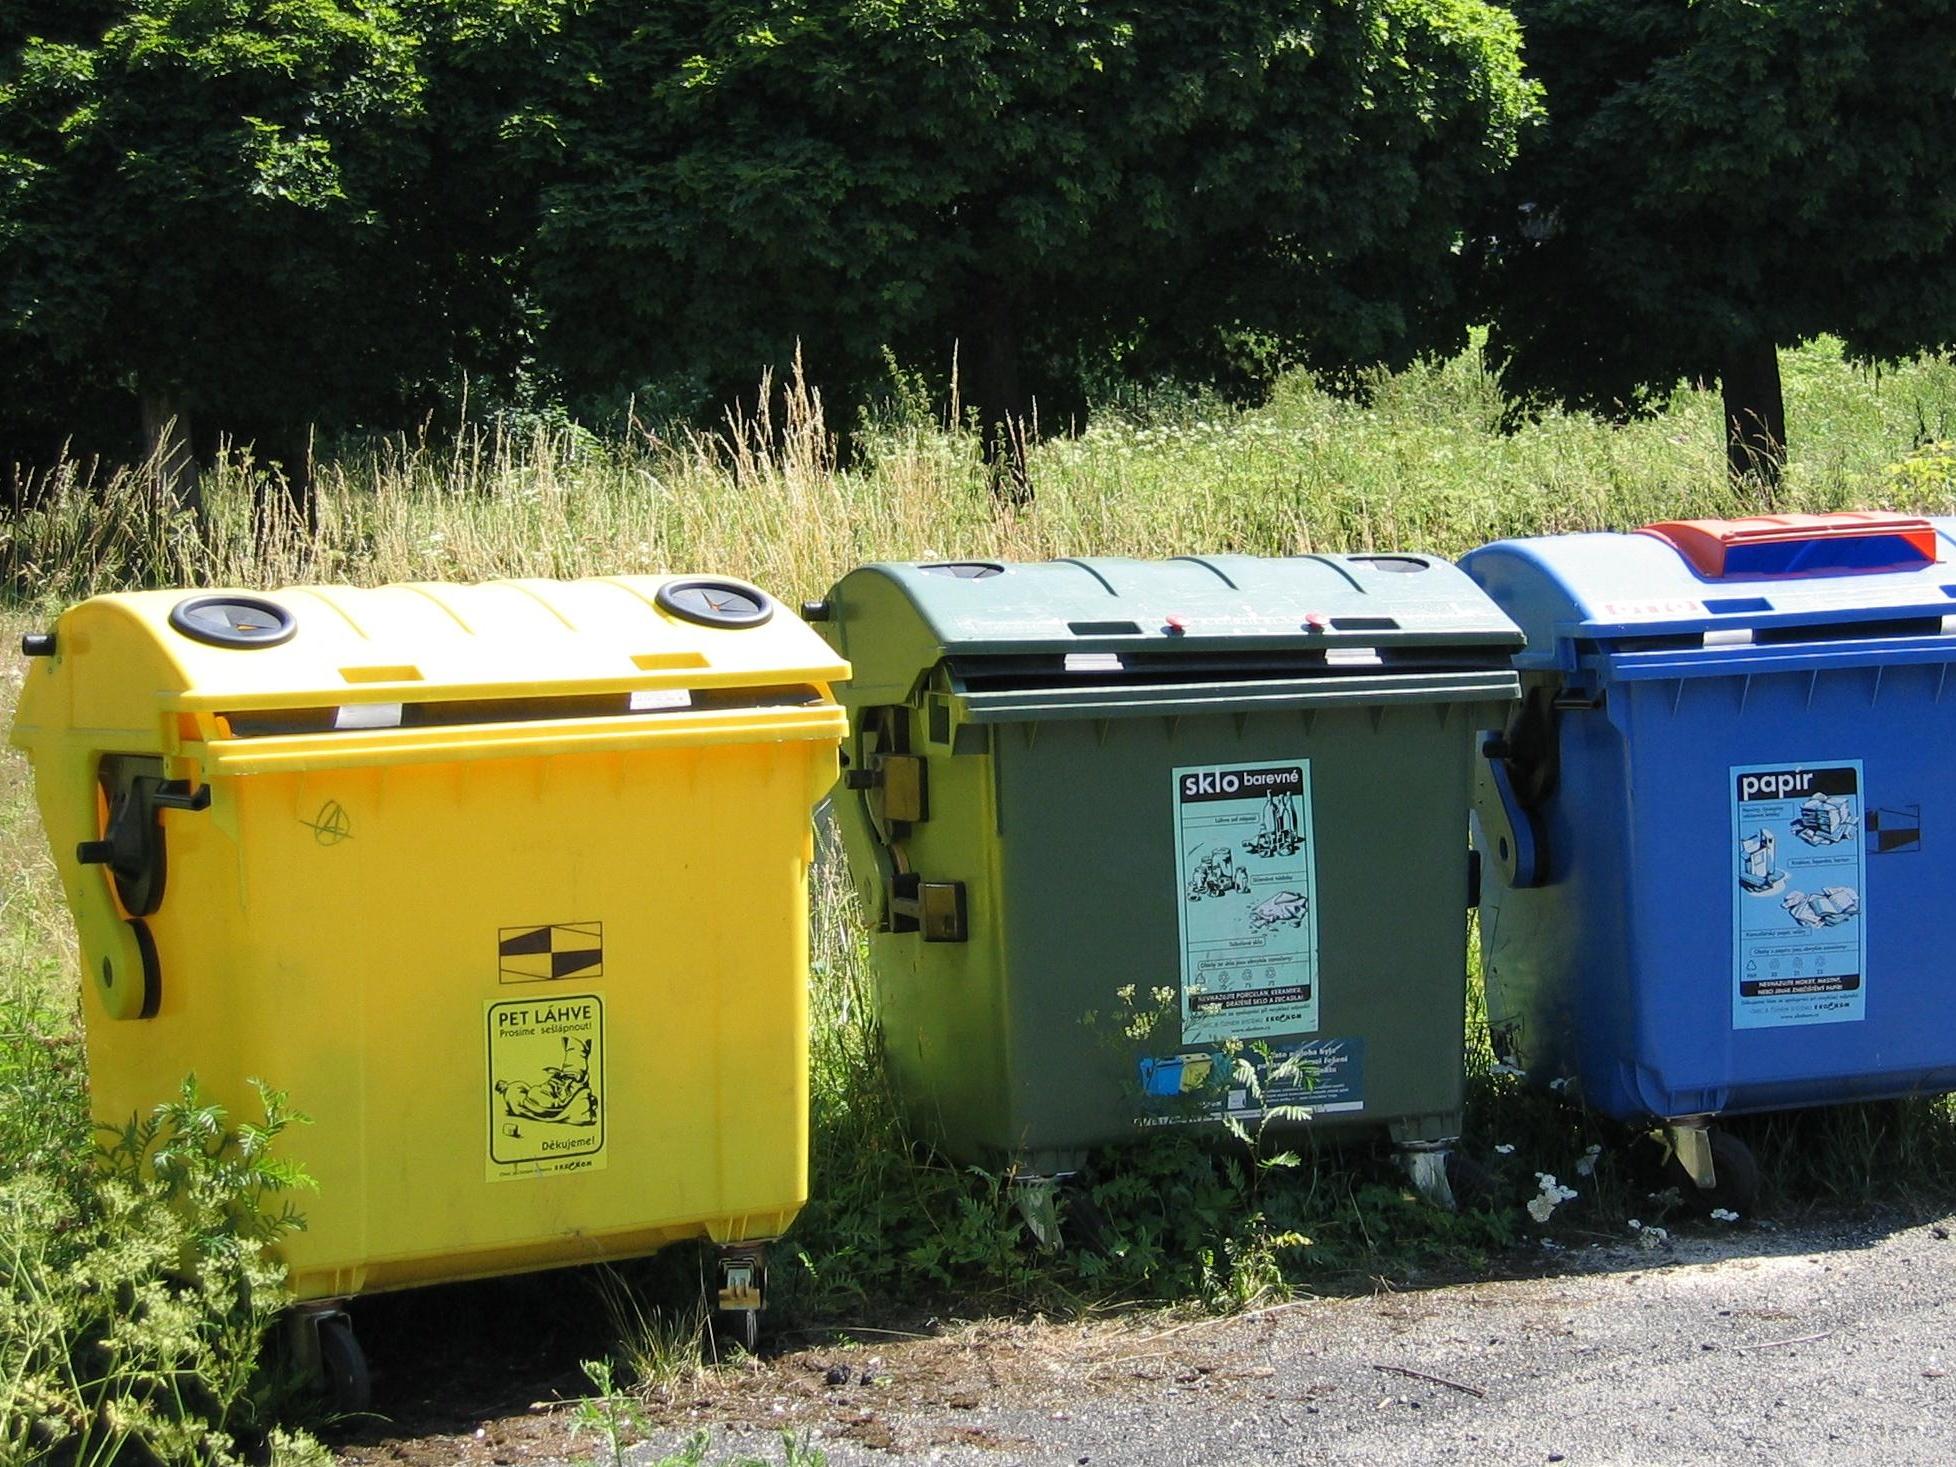 Snižujeme objem odpadu končícího na skládkách. 2 miliardy z OPŽP míří zejména na efektivnější třídění